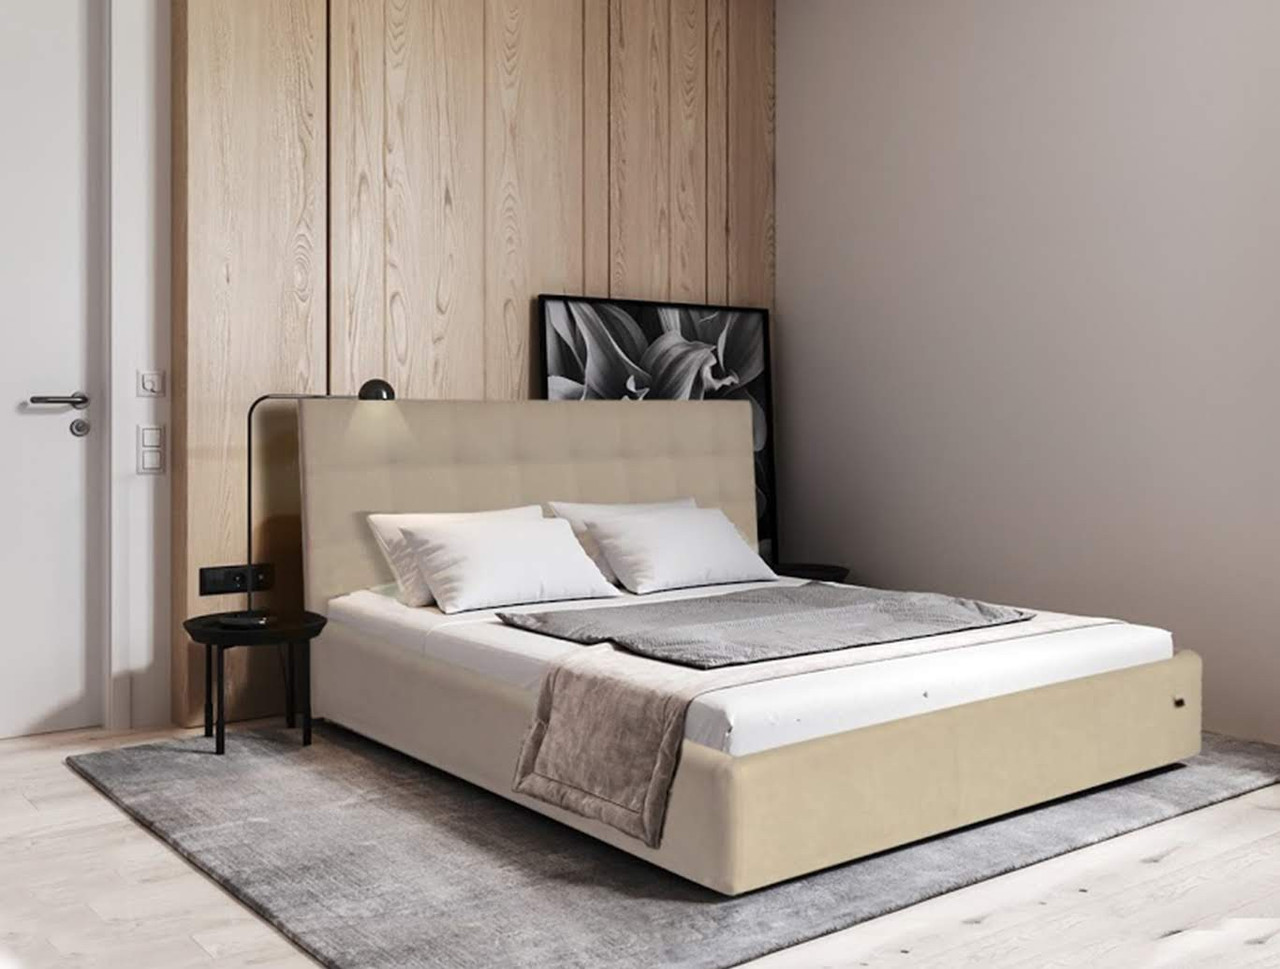 Ліжко Двоспальне Richman Честер VIP 180 х 200 см Флай 2207 A1 З додаткової металевої суцільнозварний